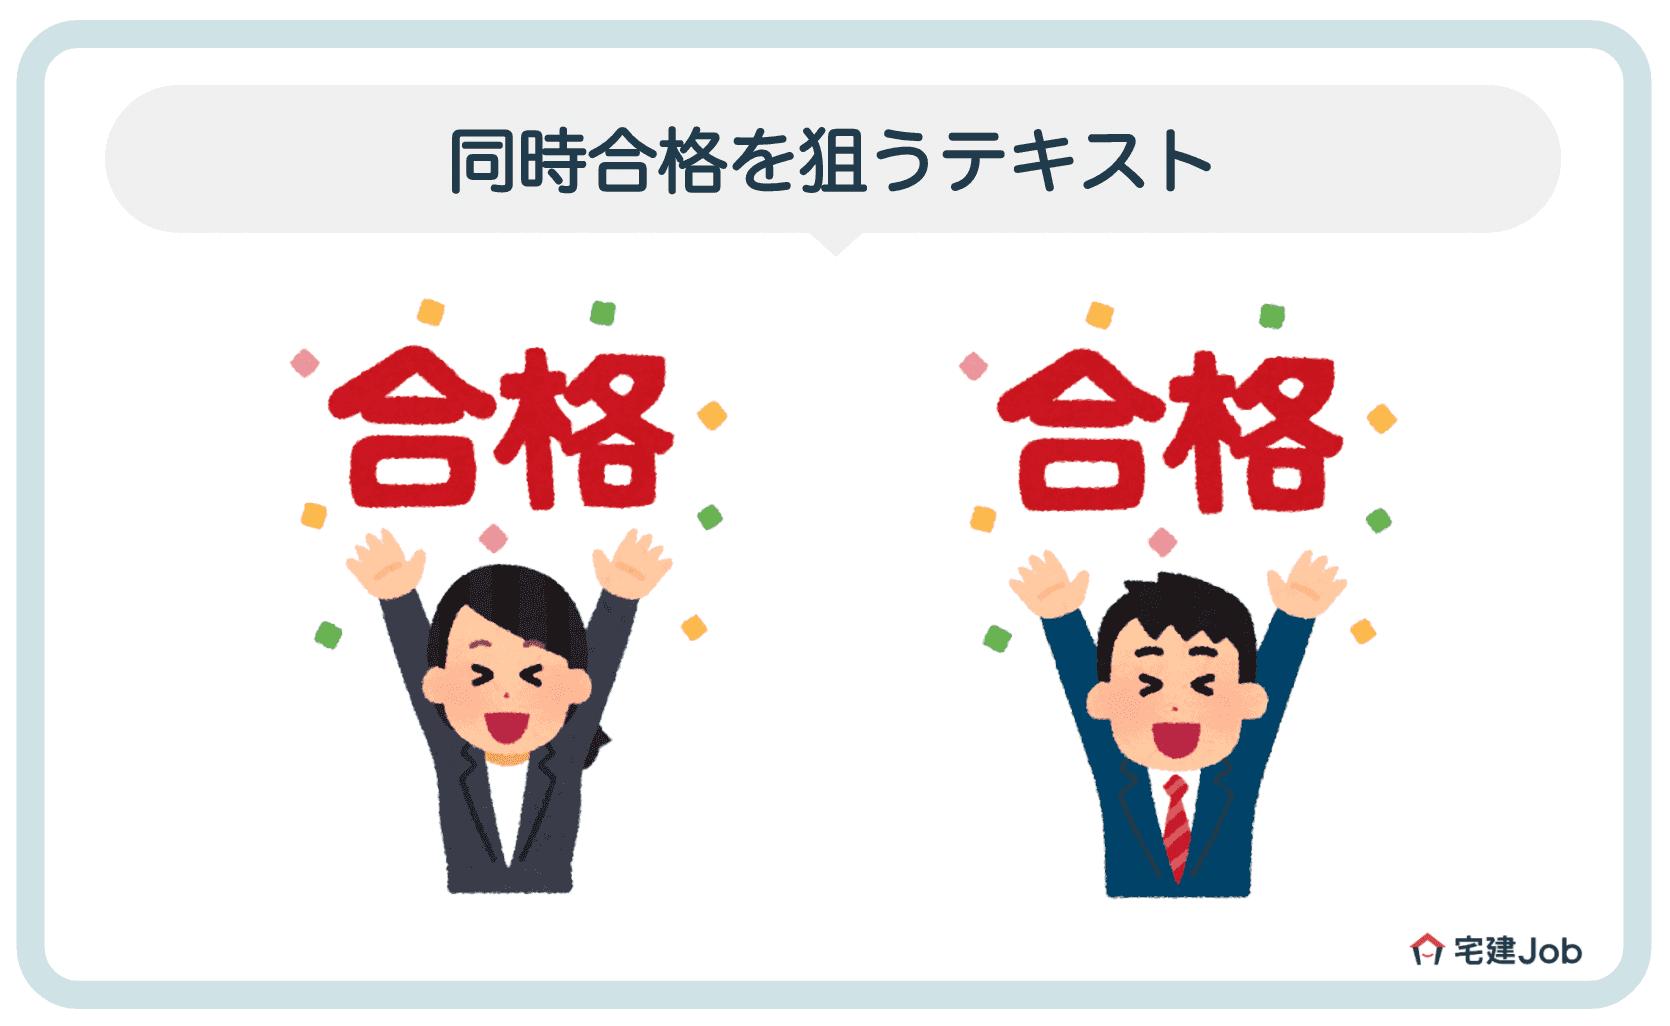 6.【番外編】マンション管理士と管理業務主任者を同時合格を狙うテキスト